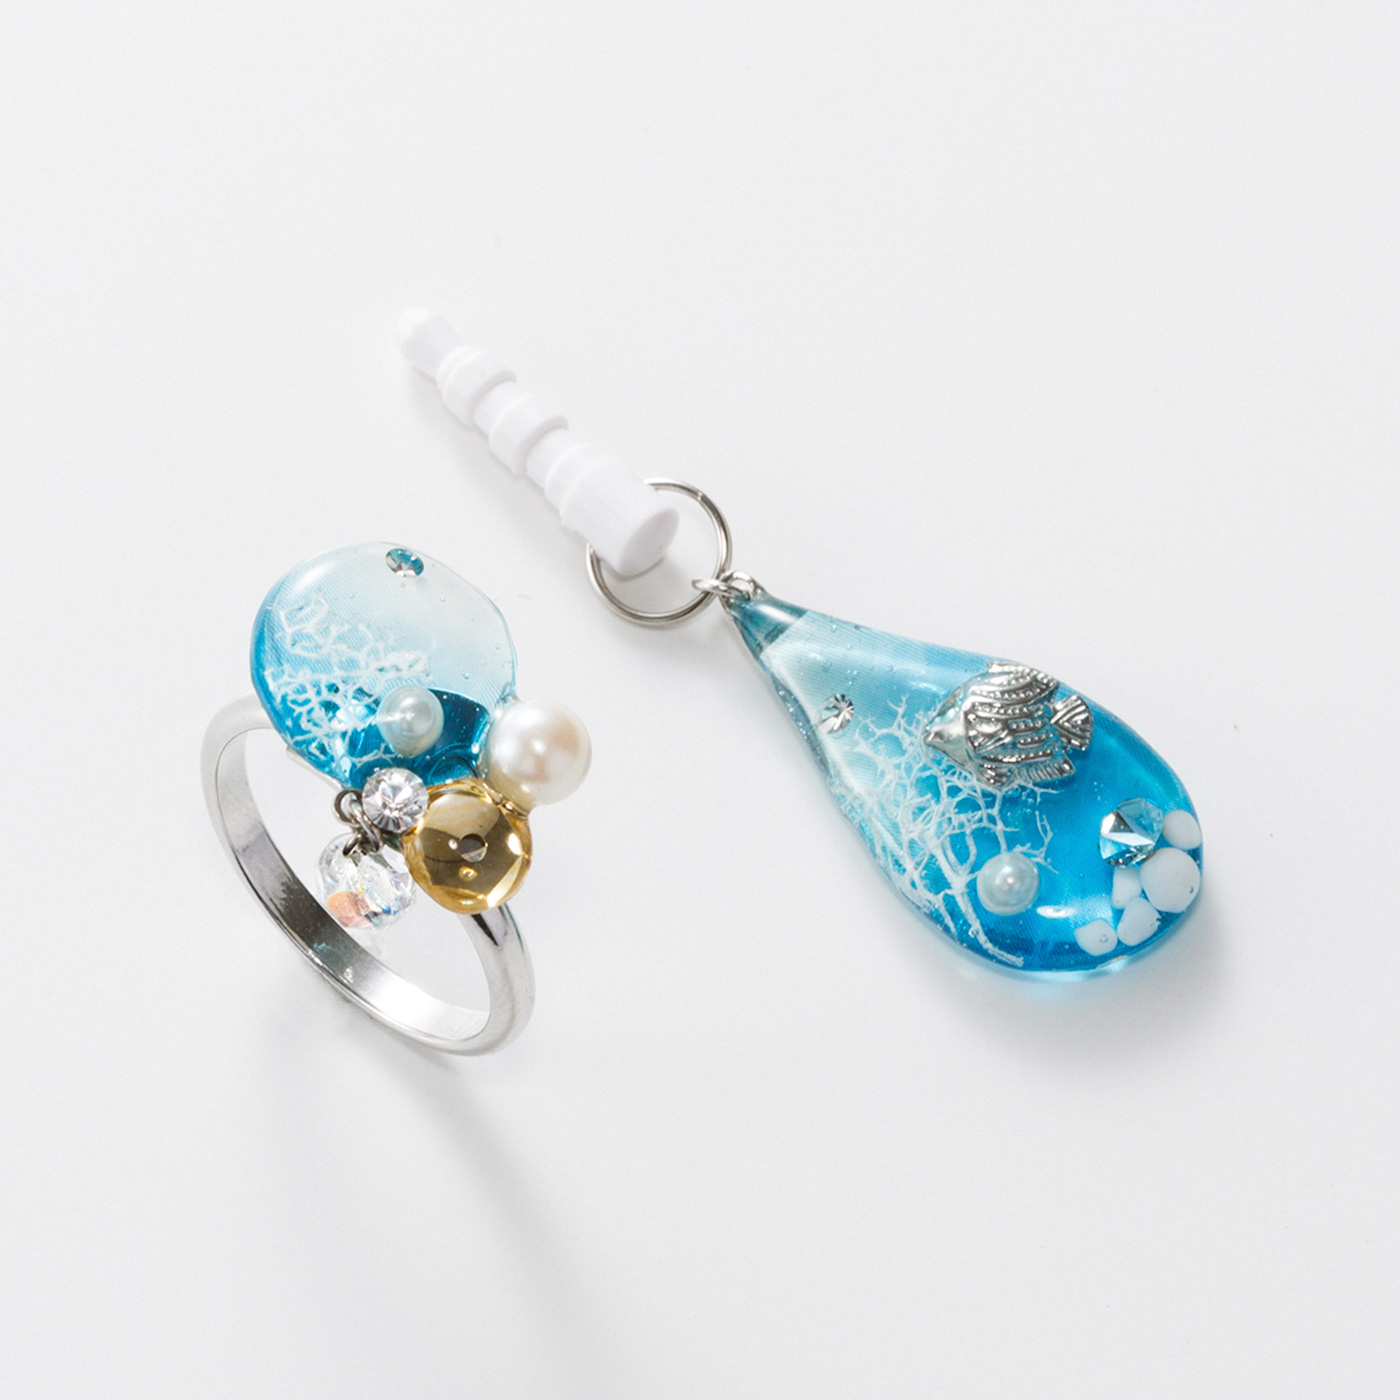 しずくのイヤホンジャック&泡のリング 小さな青い海に優雅に泳ぐ魚と、海の中の泡をイメージしました。